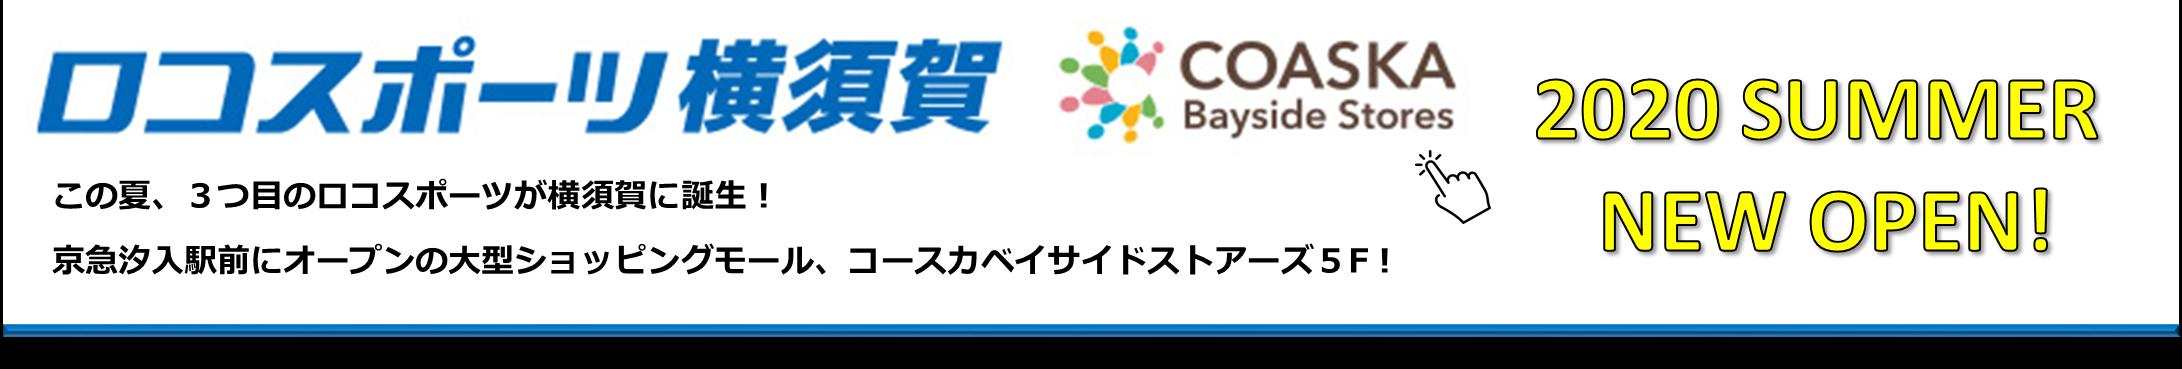 各会場リンク用バナーV2_200417